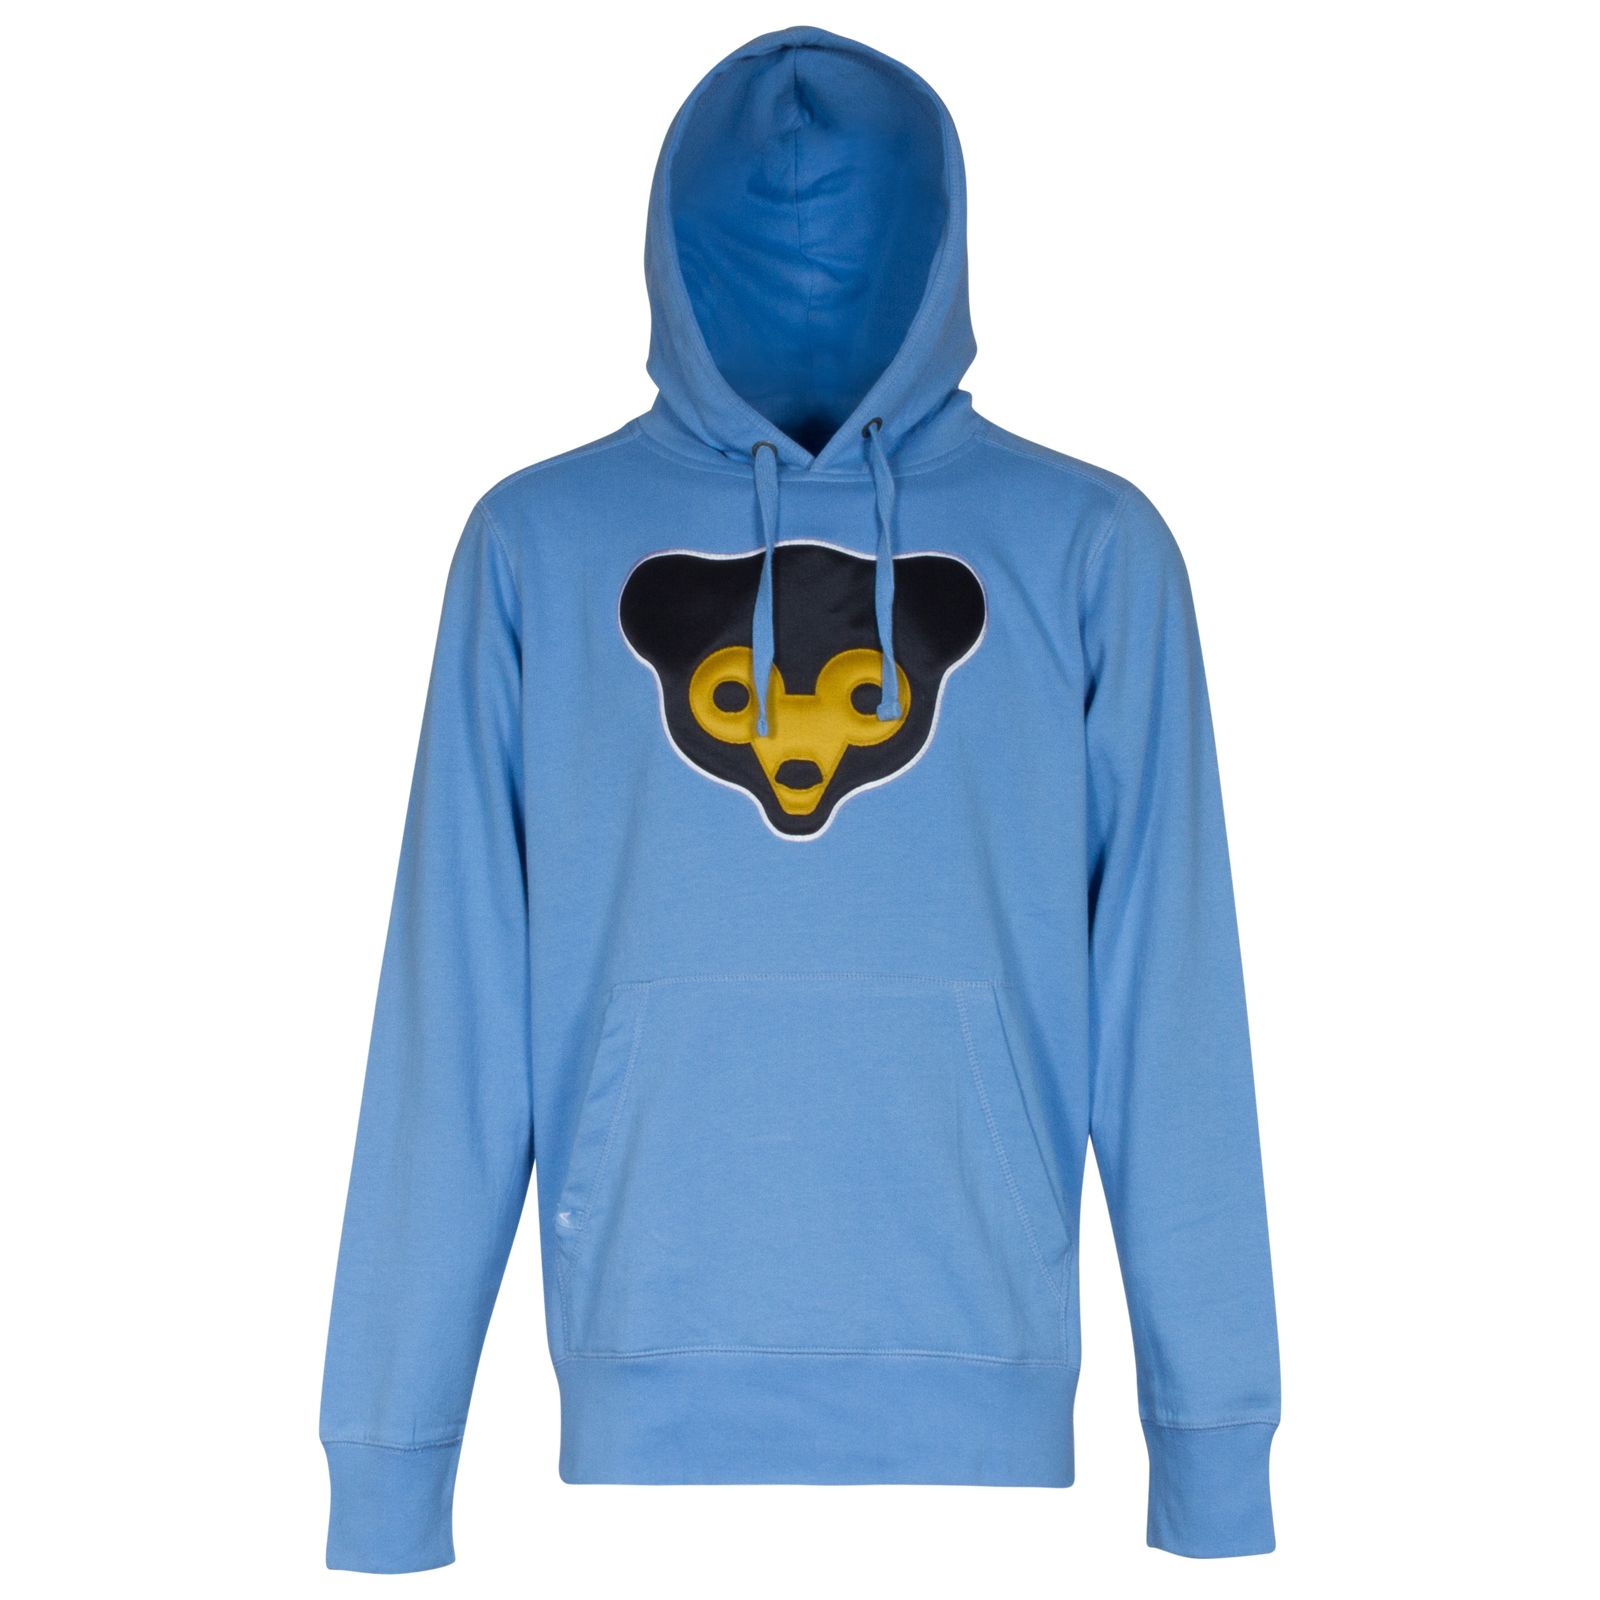 online retailer 4b625 d46e2 Chicago Cubs Mens Light Blue 1969 Logo Hooded Sweatshirt ...